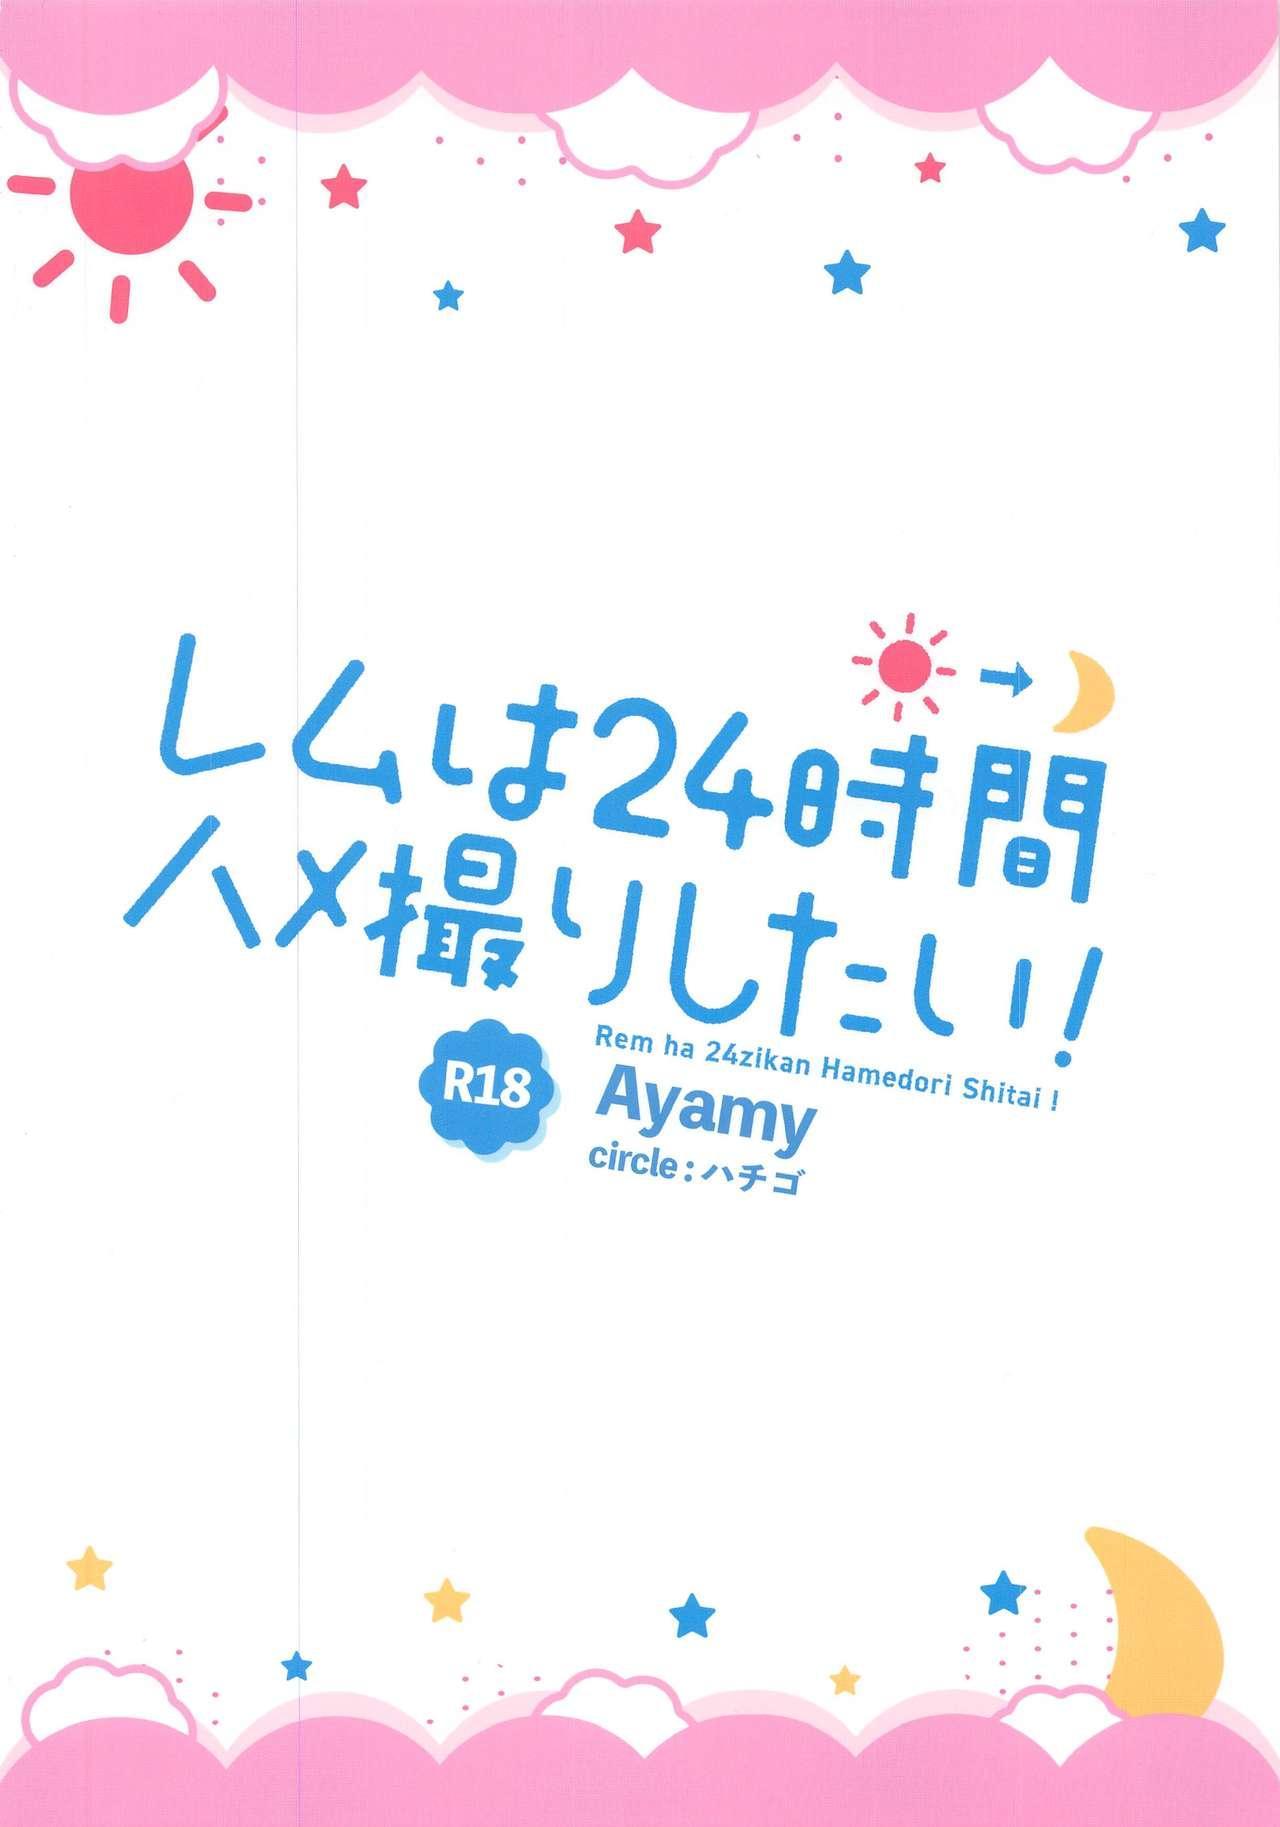 Rem wa 24-jikan Hamedori Shitai! 31